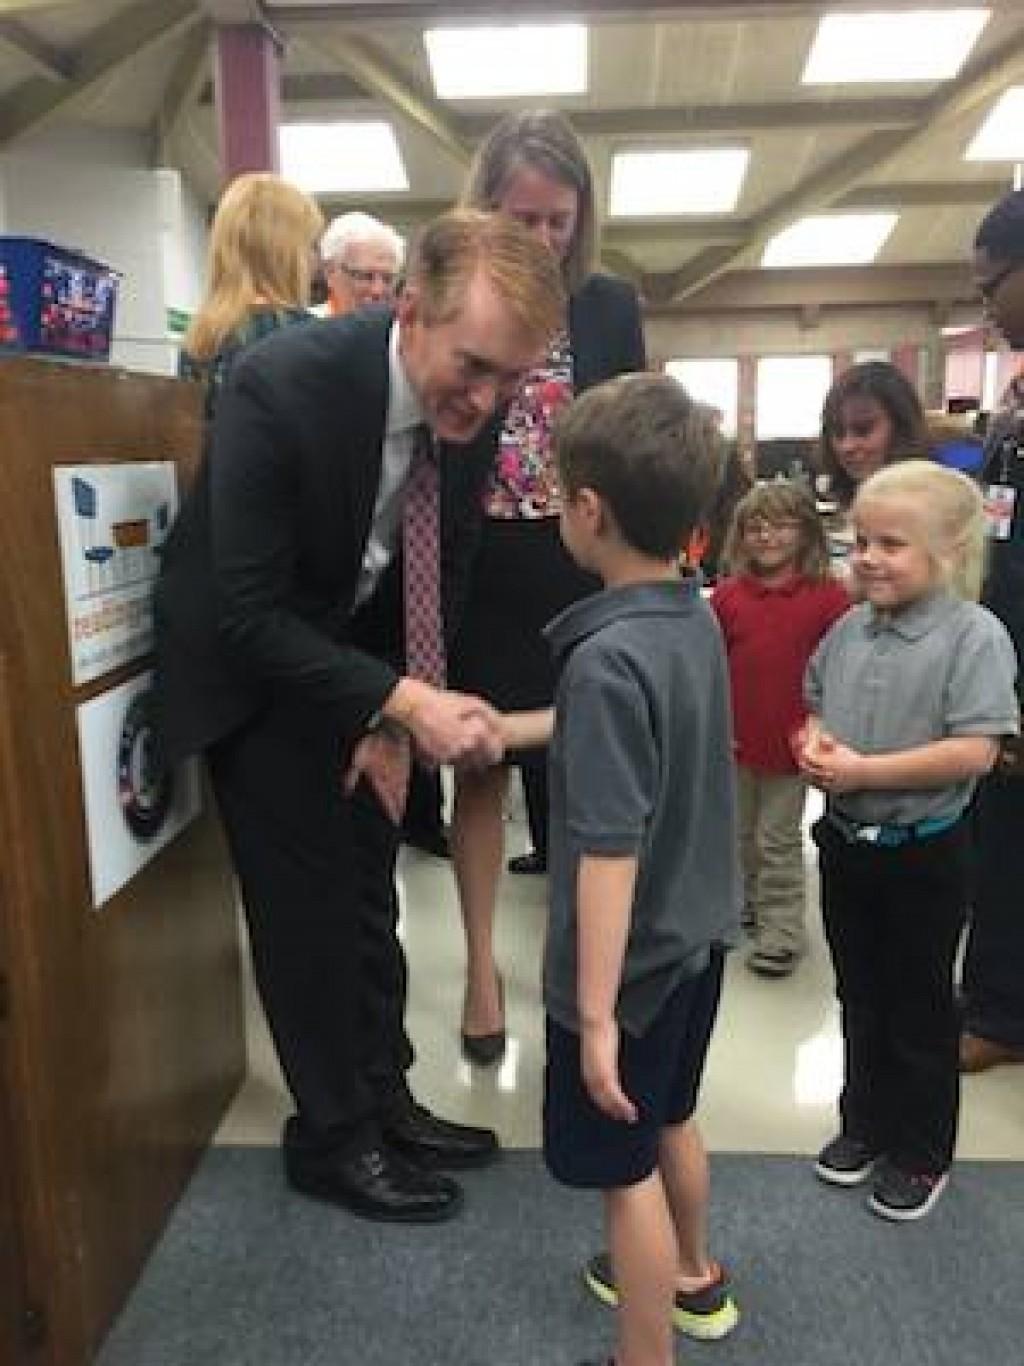 Tulsa lanza los resultados de Pruebas estatales